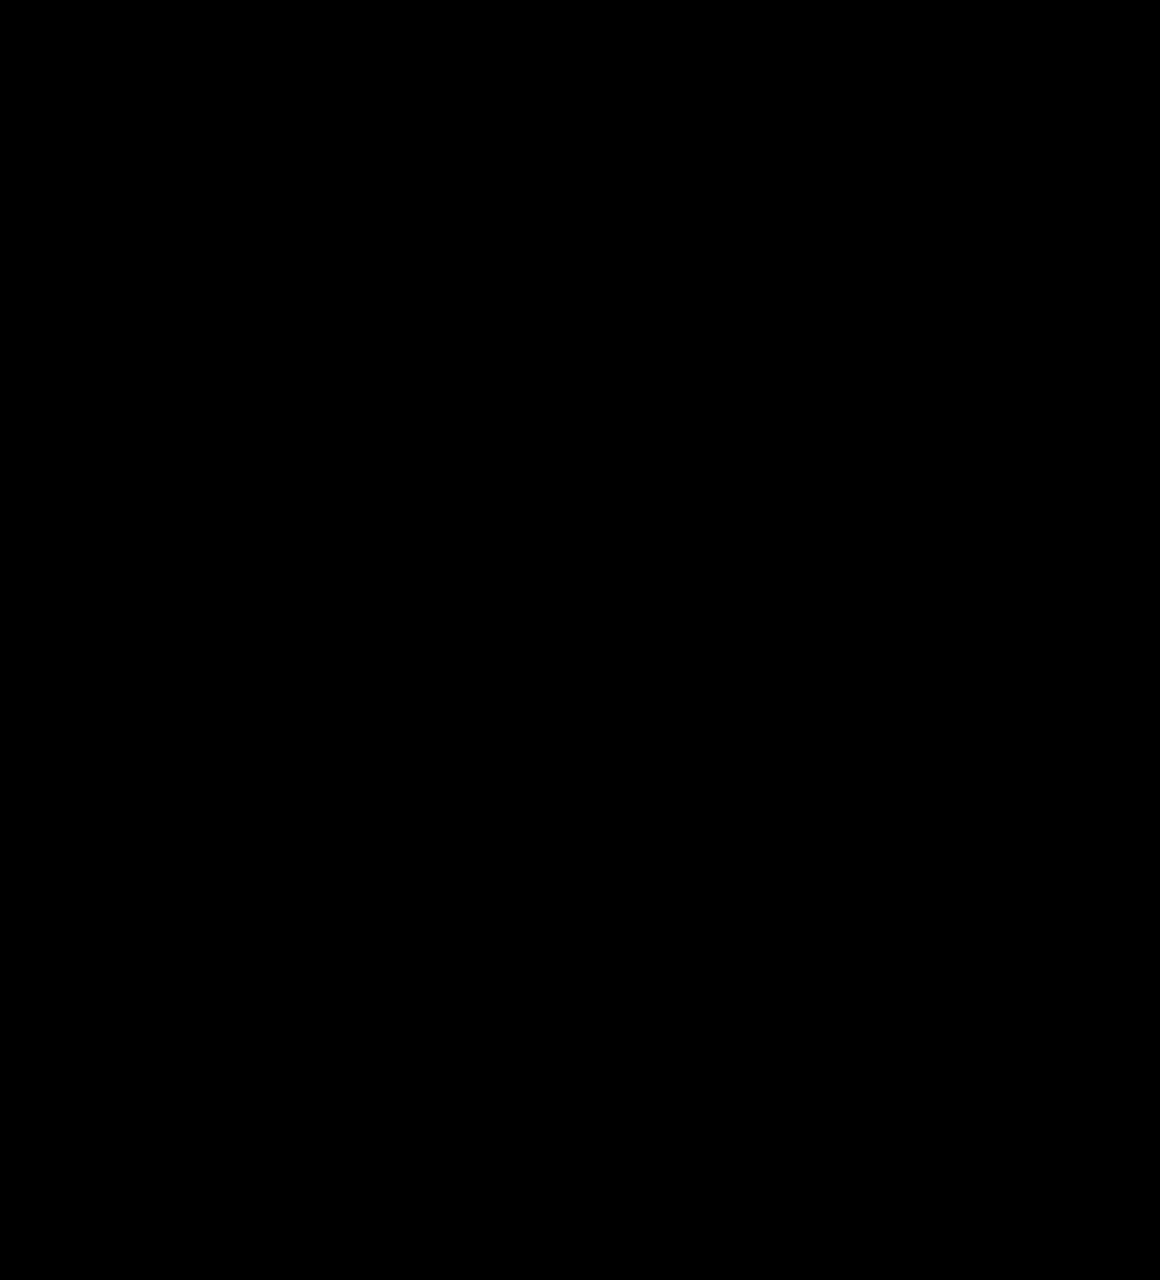 cranium-2099120_1280.png